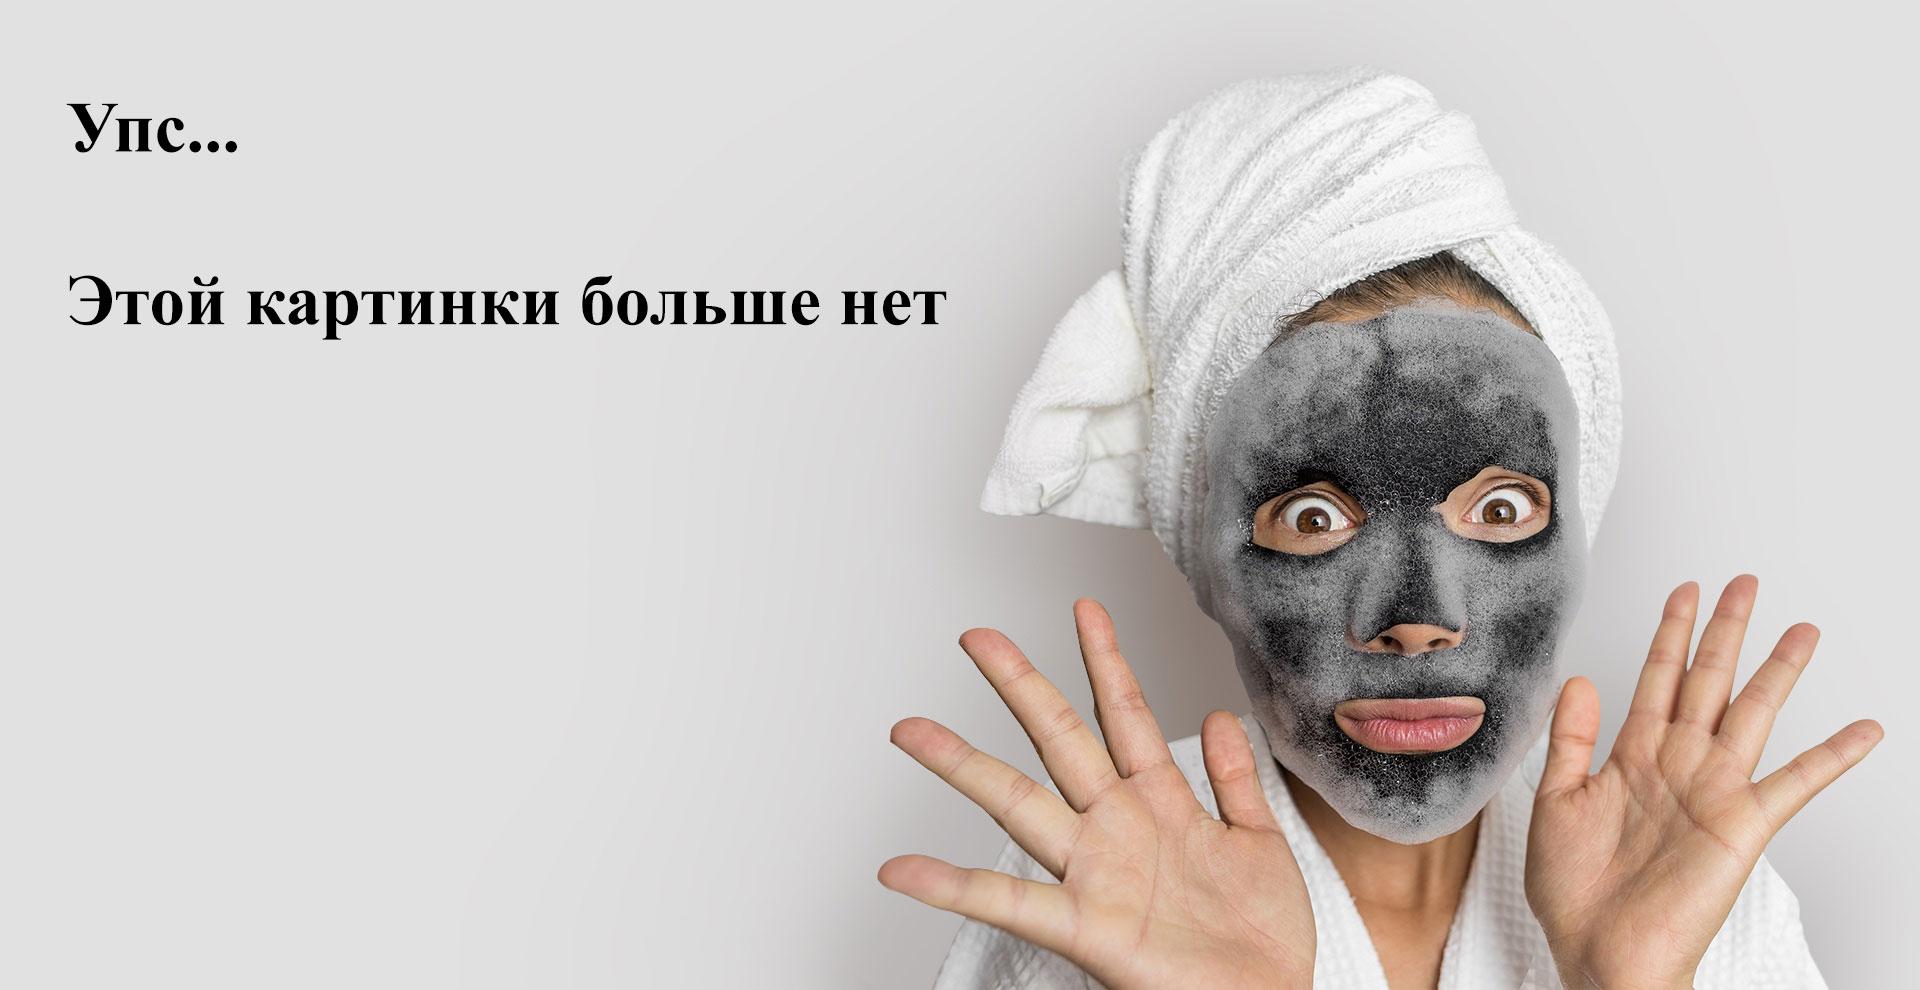 Selective Professional, Шампунь многофункциональный Ginepro Rosso, можжевельник, 1000 мл